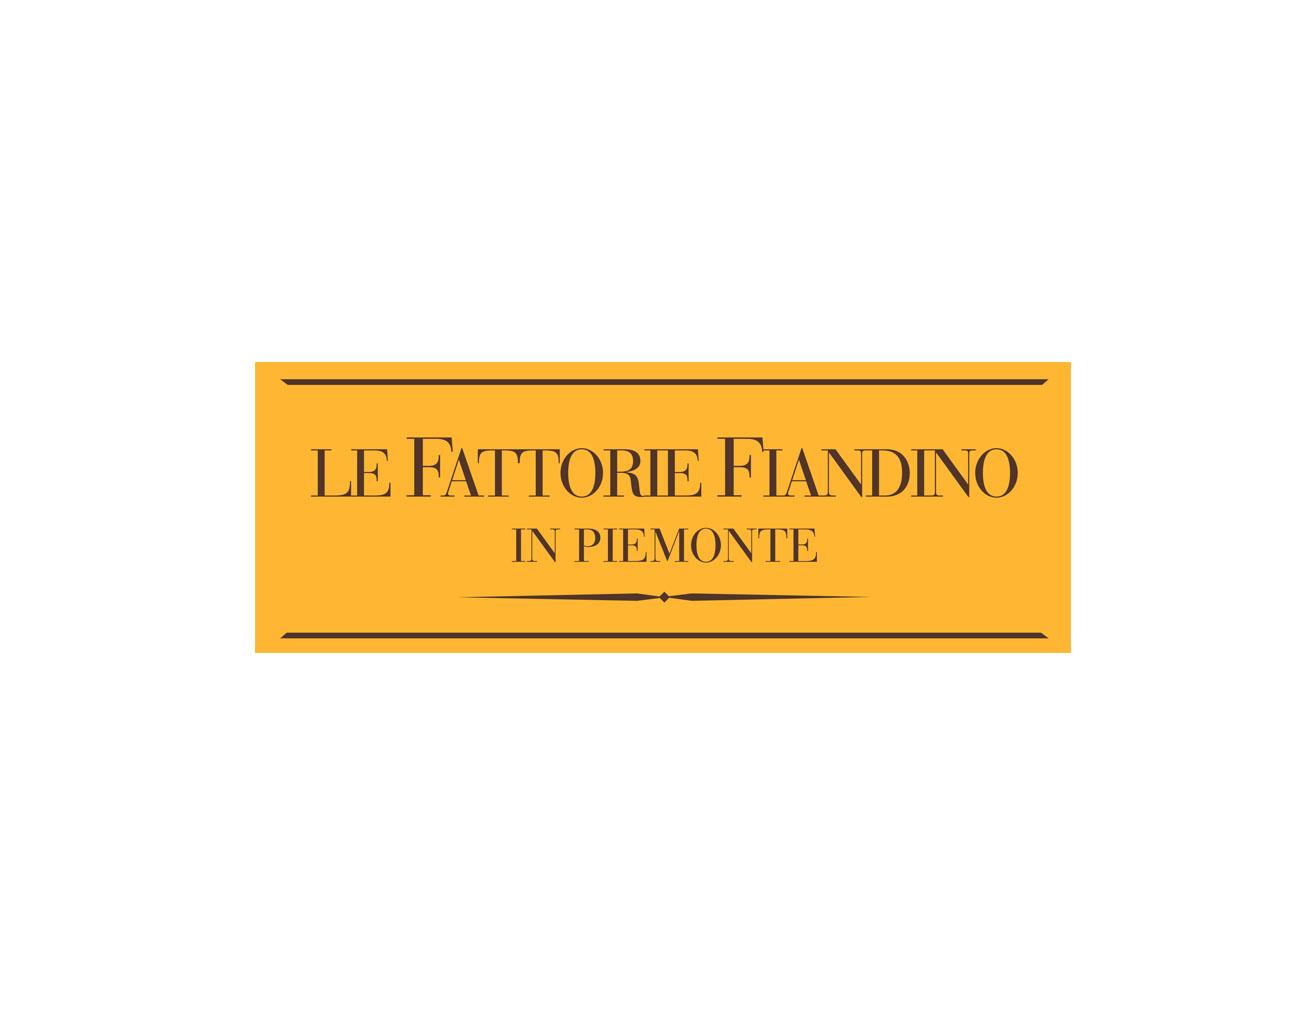 Fattorie-Fiandino